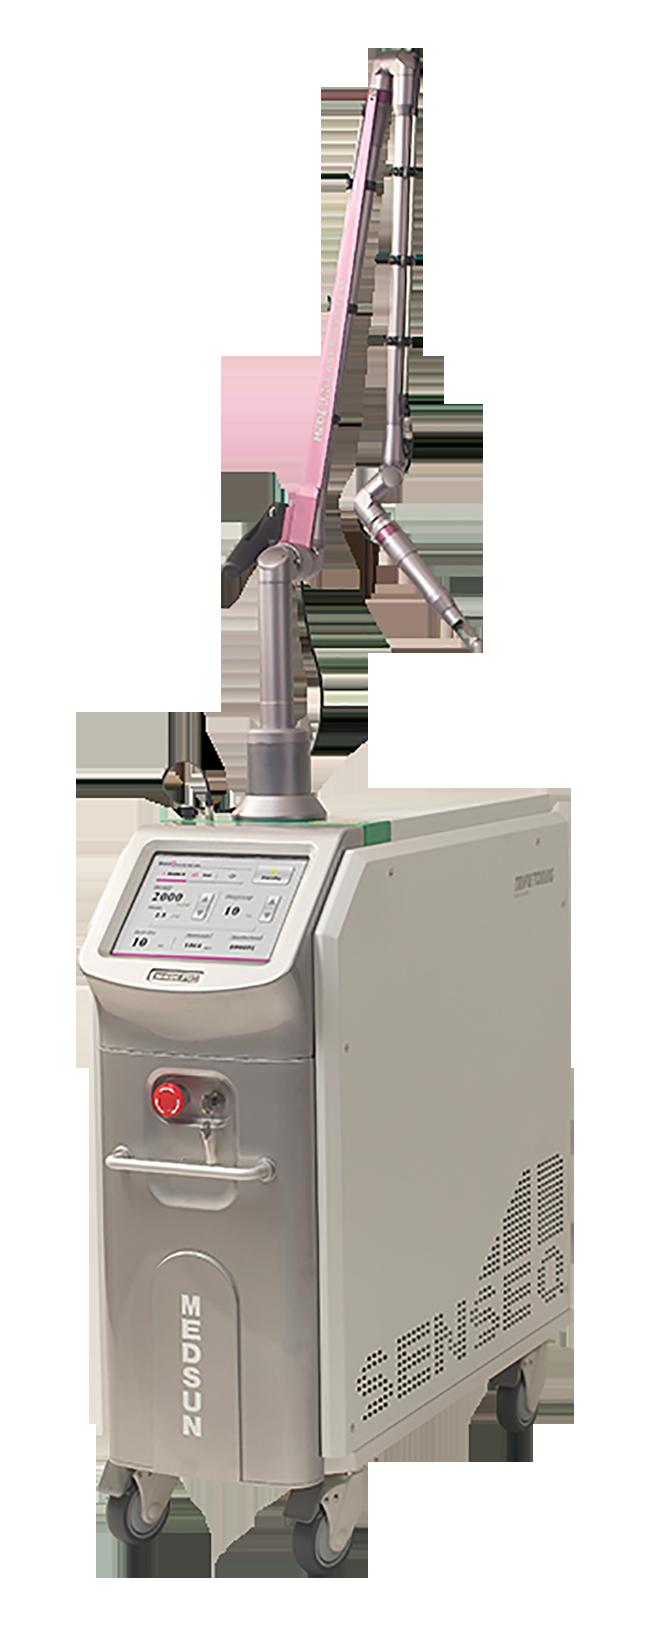 Công nghệ SENS-Q có thể điều trị hiệu quả mọi loại nám, kể cả nám hỗn hợp